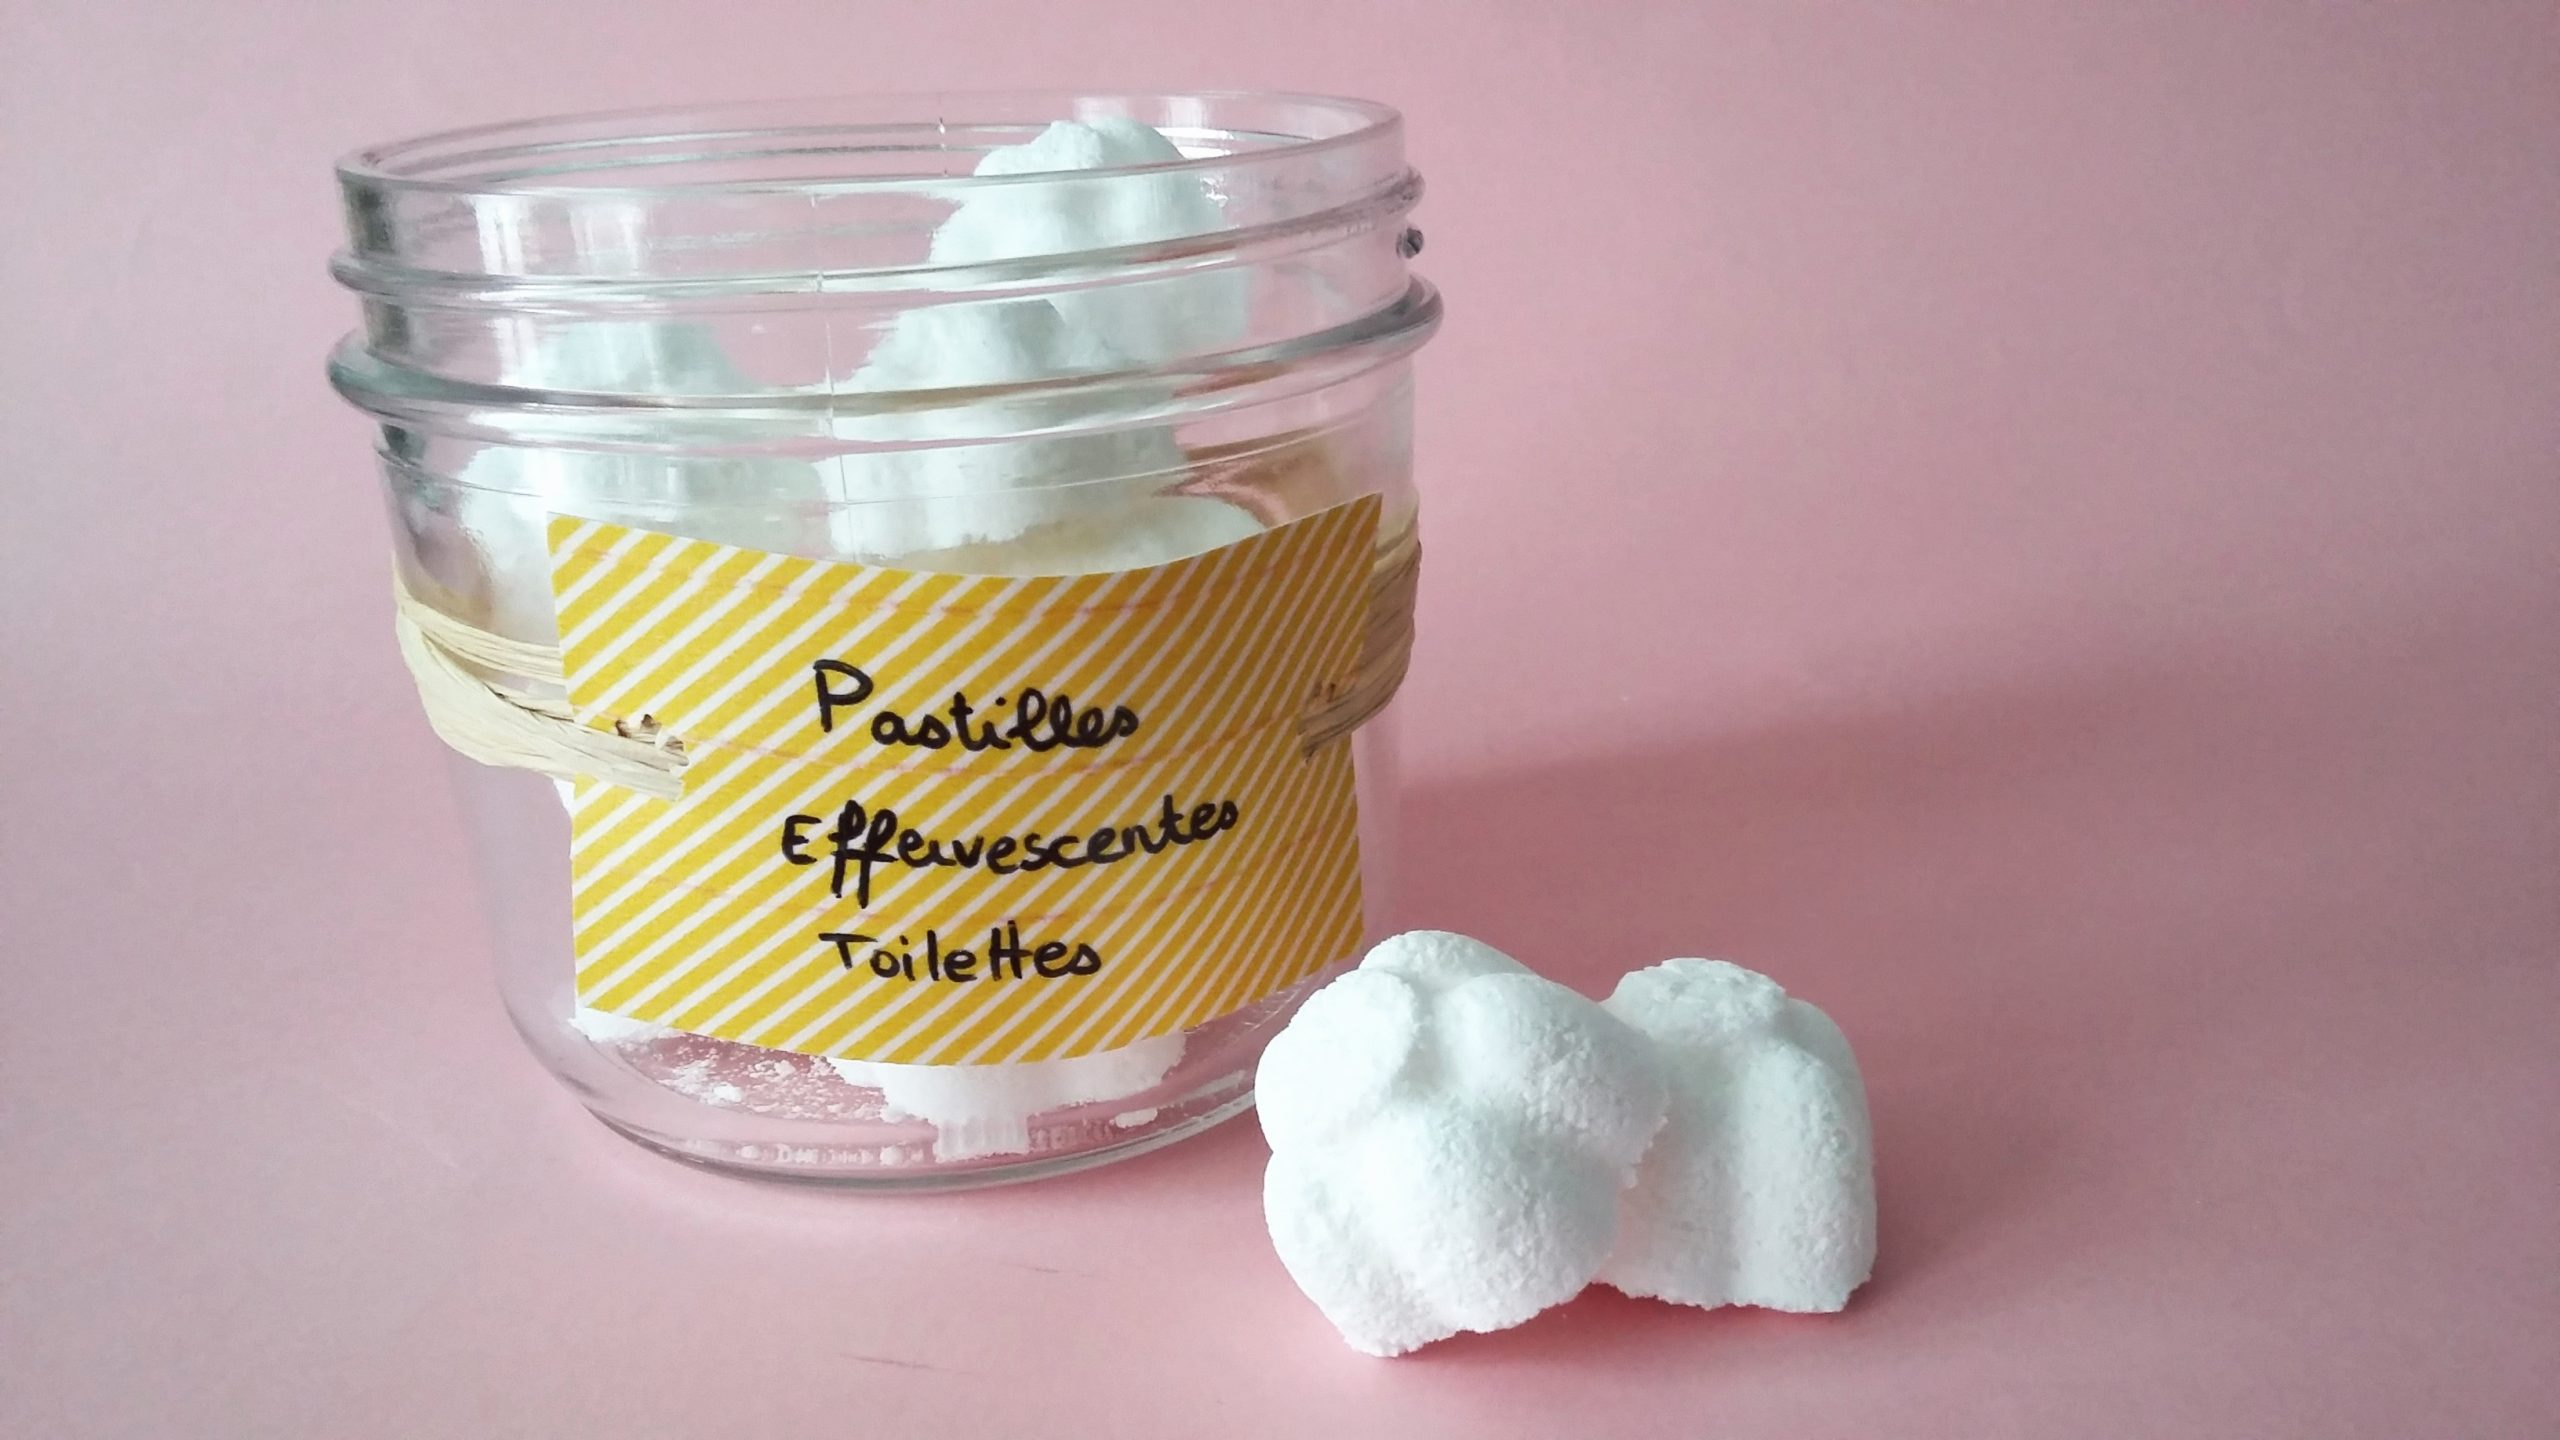 Acide Chlorhydrique : À Propos intérieur Acide Chlorhydrique Piscine